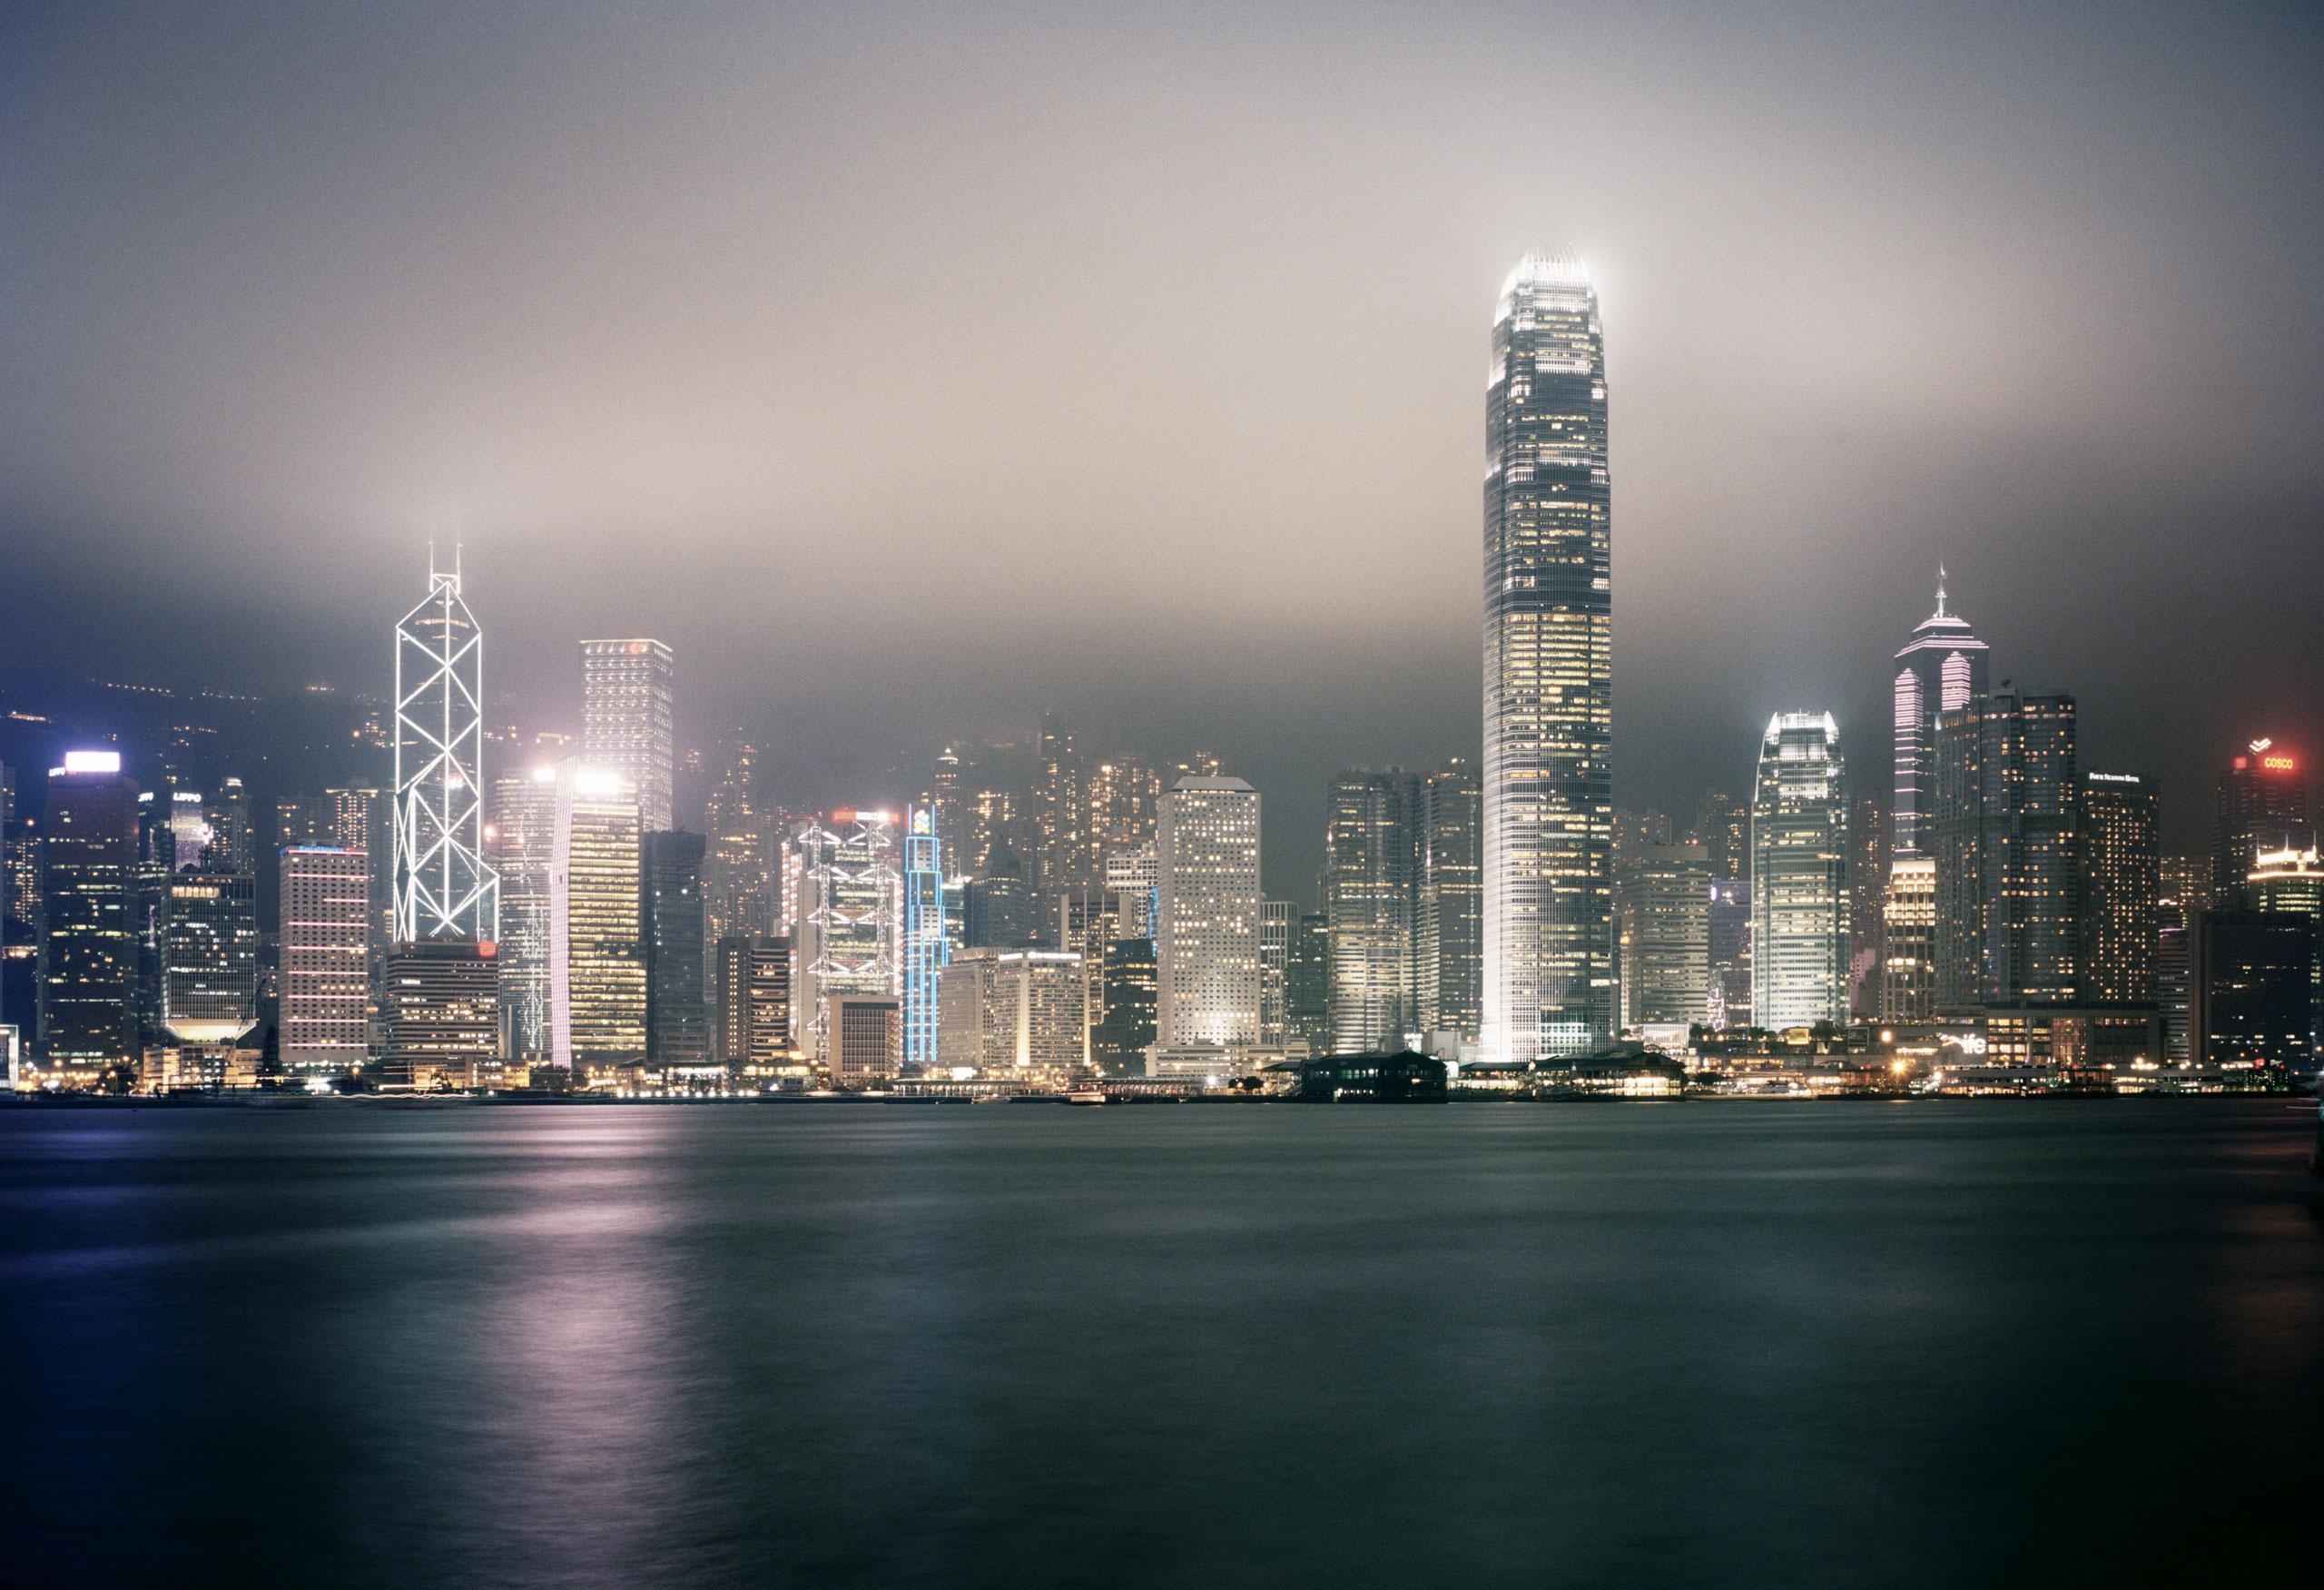 9. Hong Kong, China